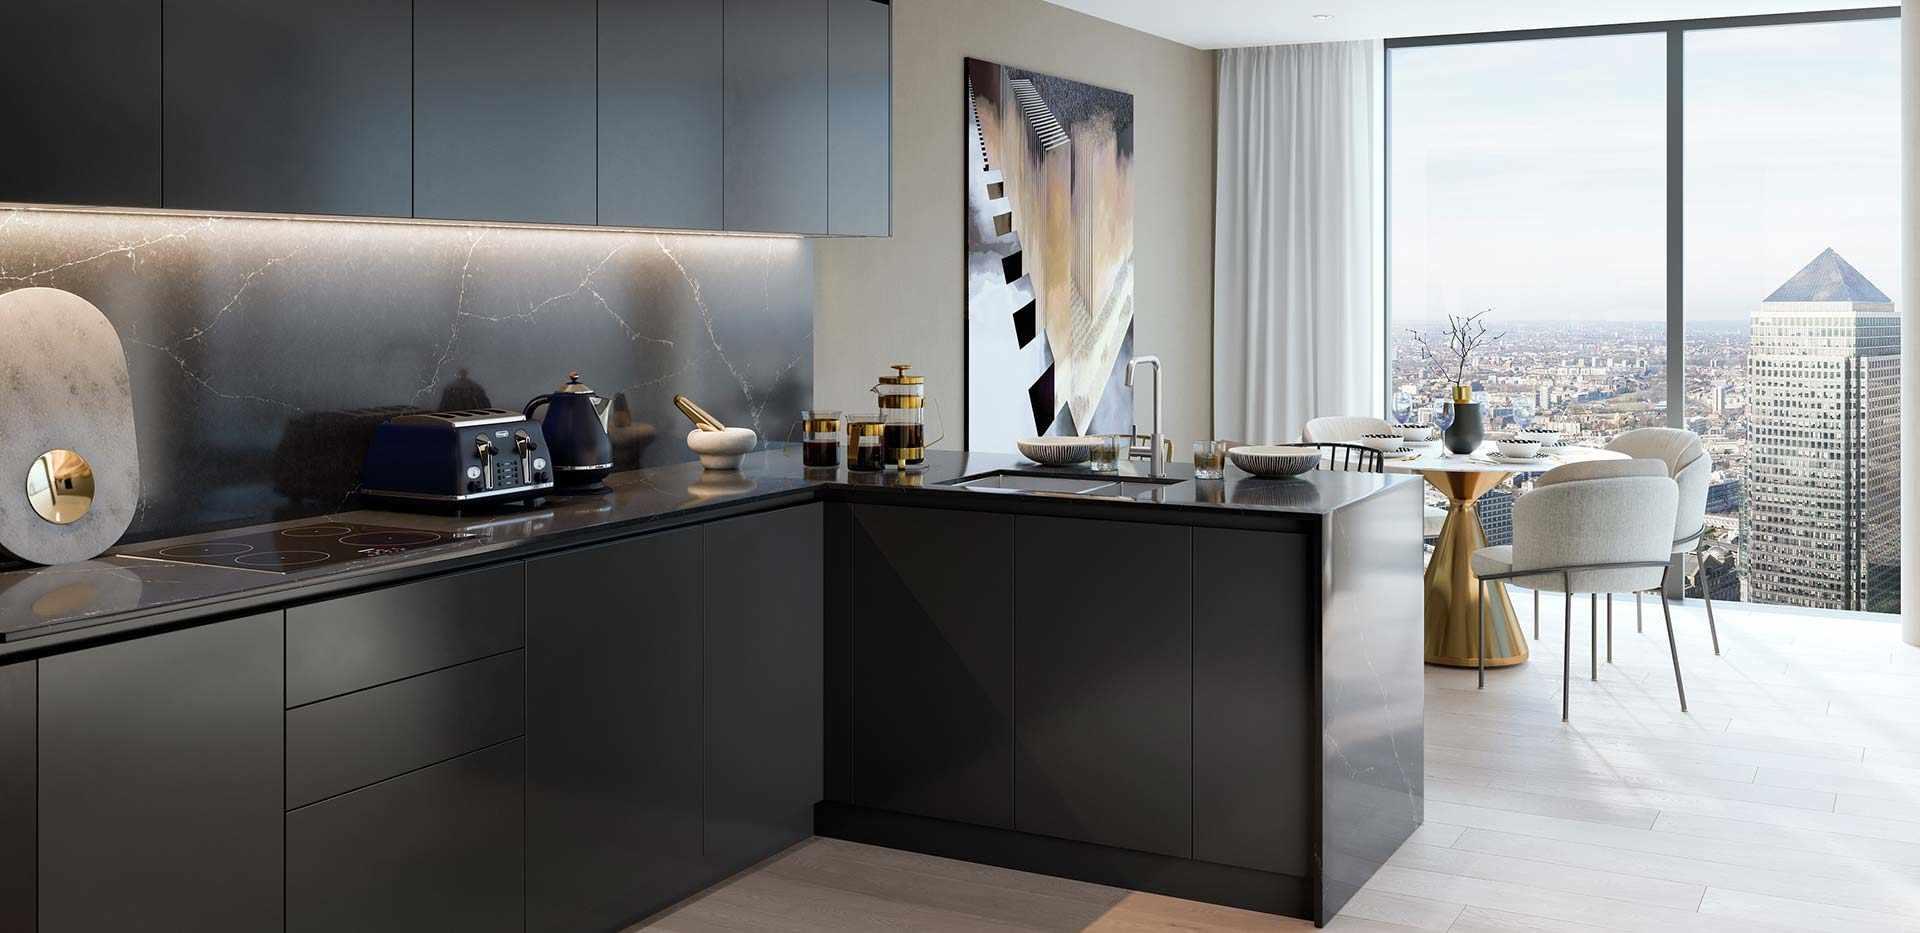 Luxury Property In London